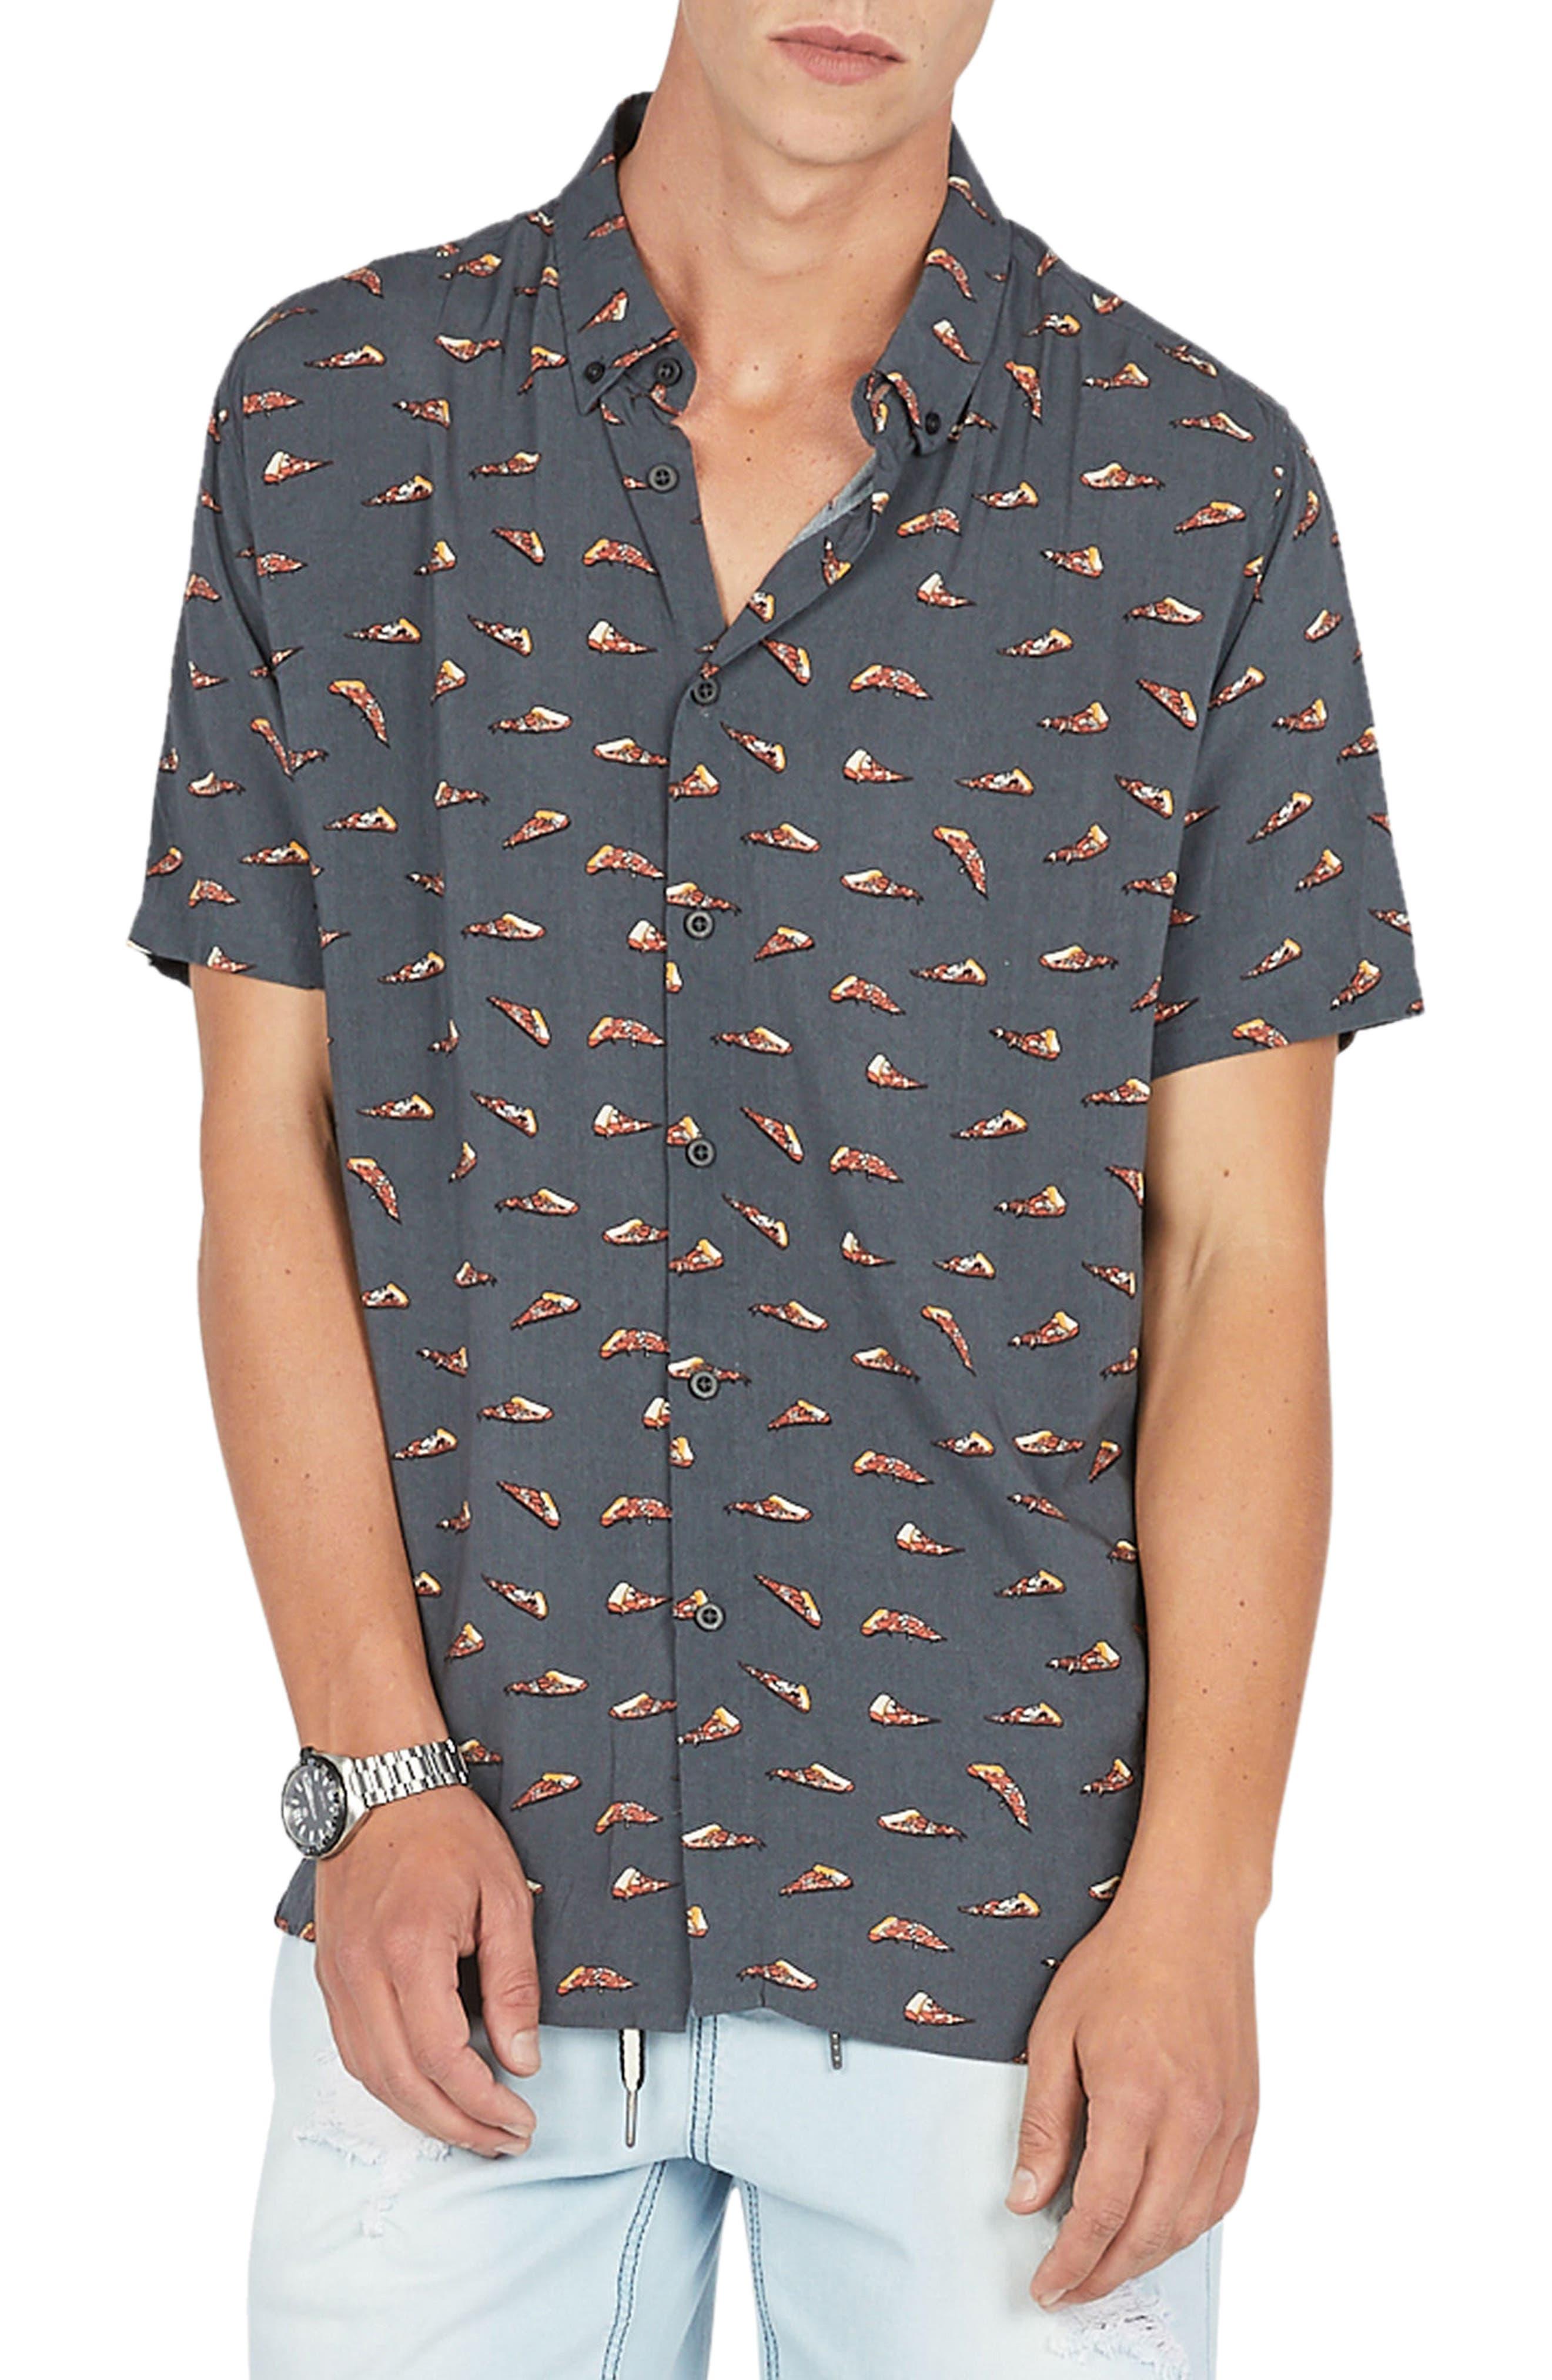 Holiday Woven Shirt,                             Main thumbnail 1, color,                             Black Pizza